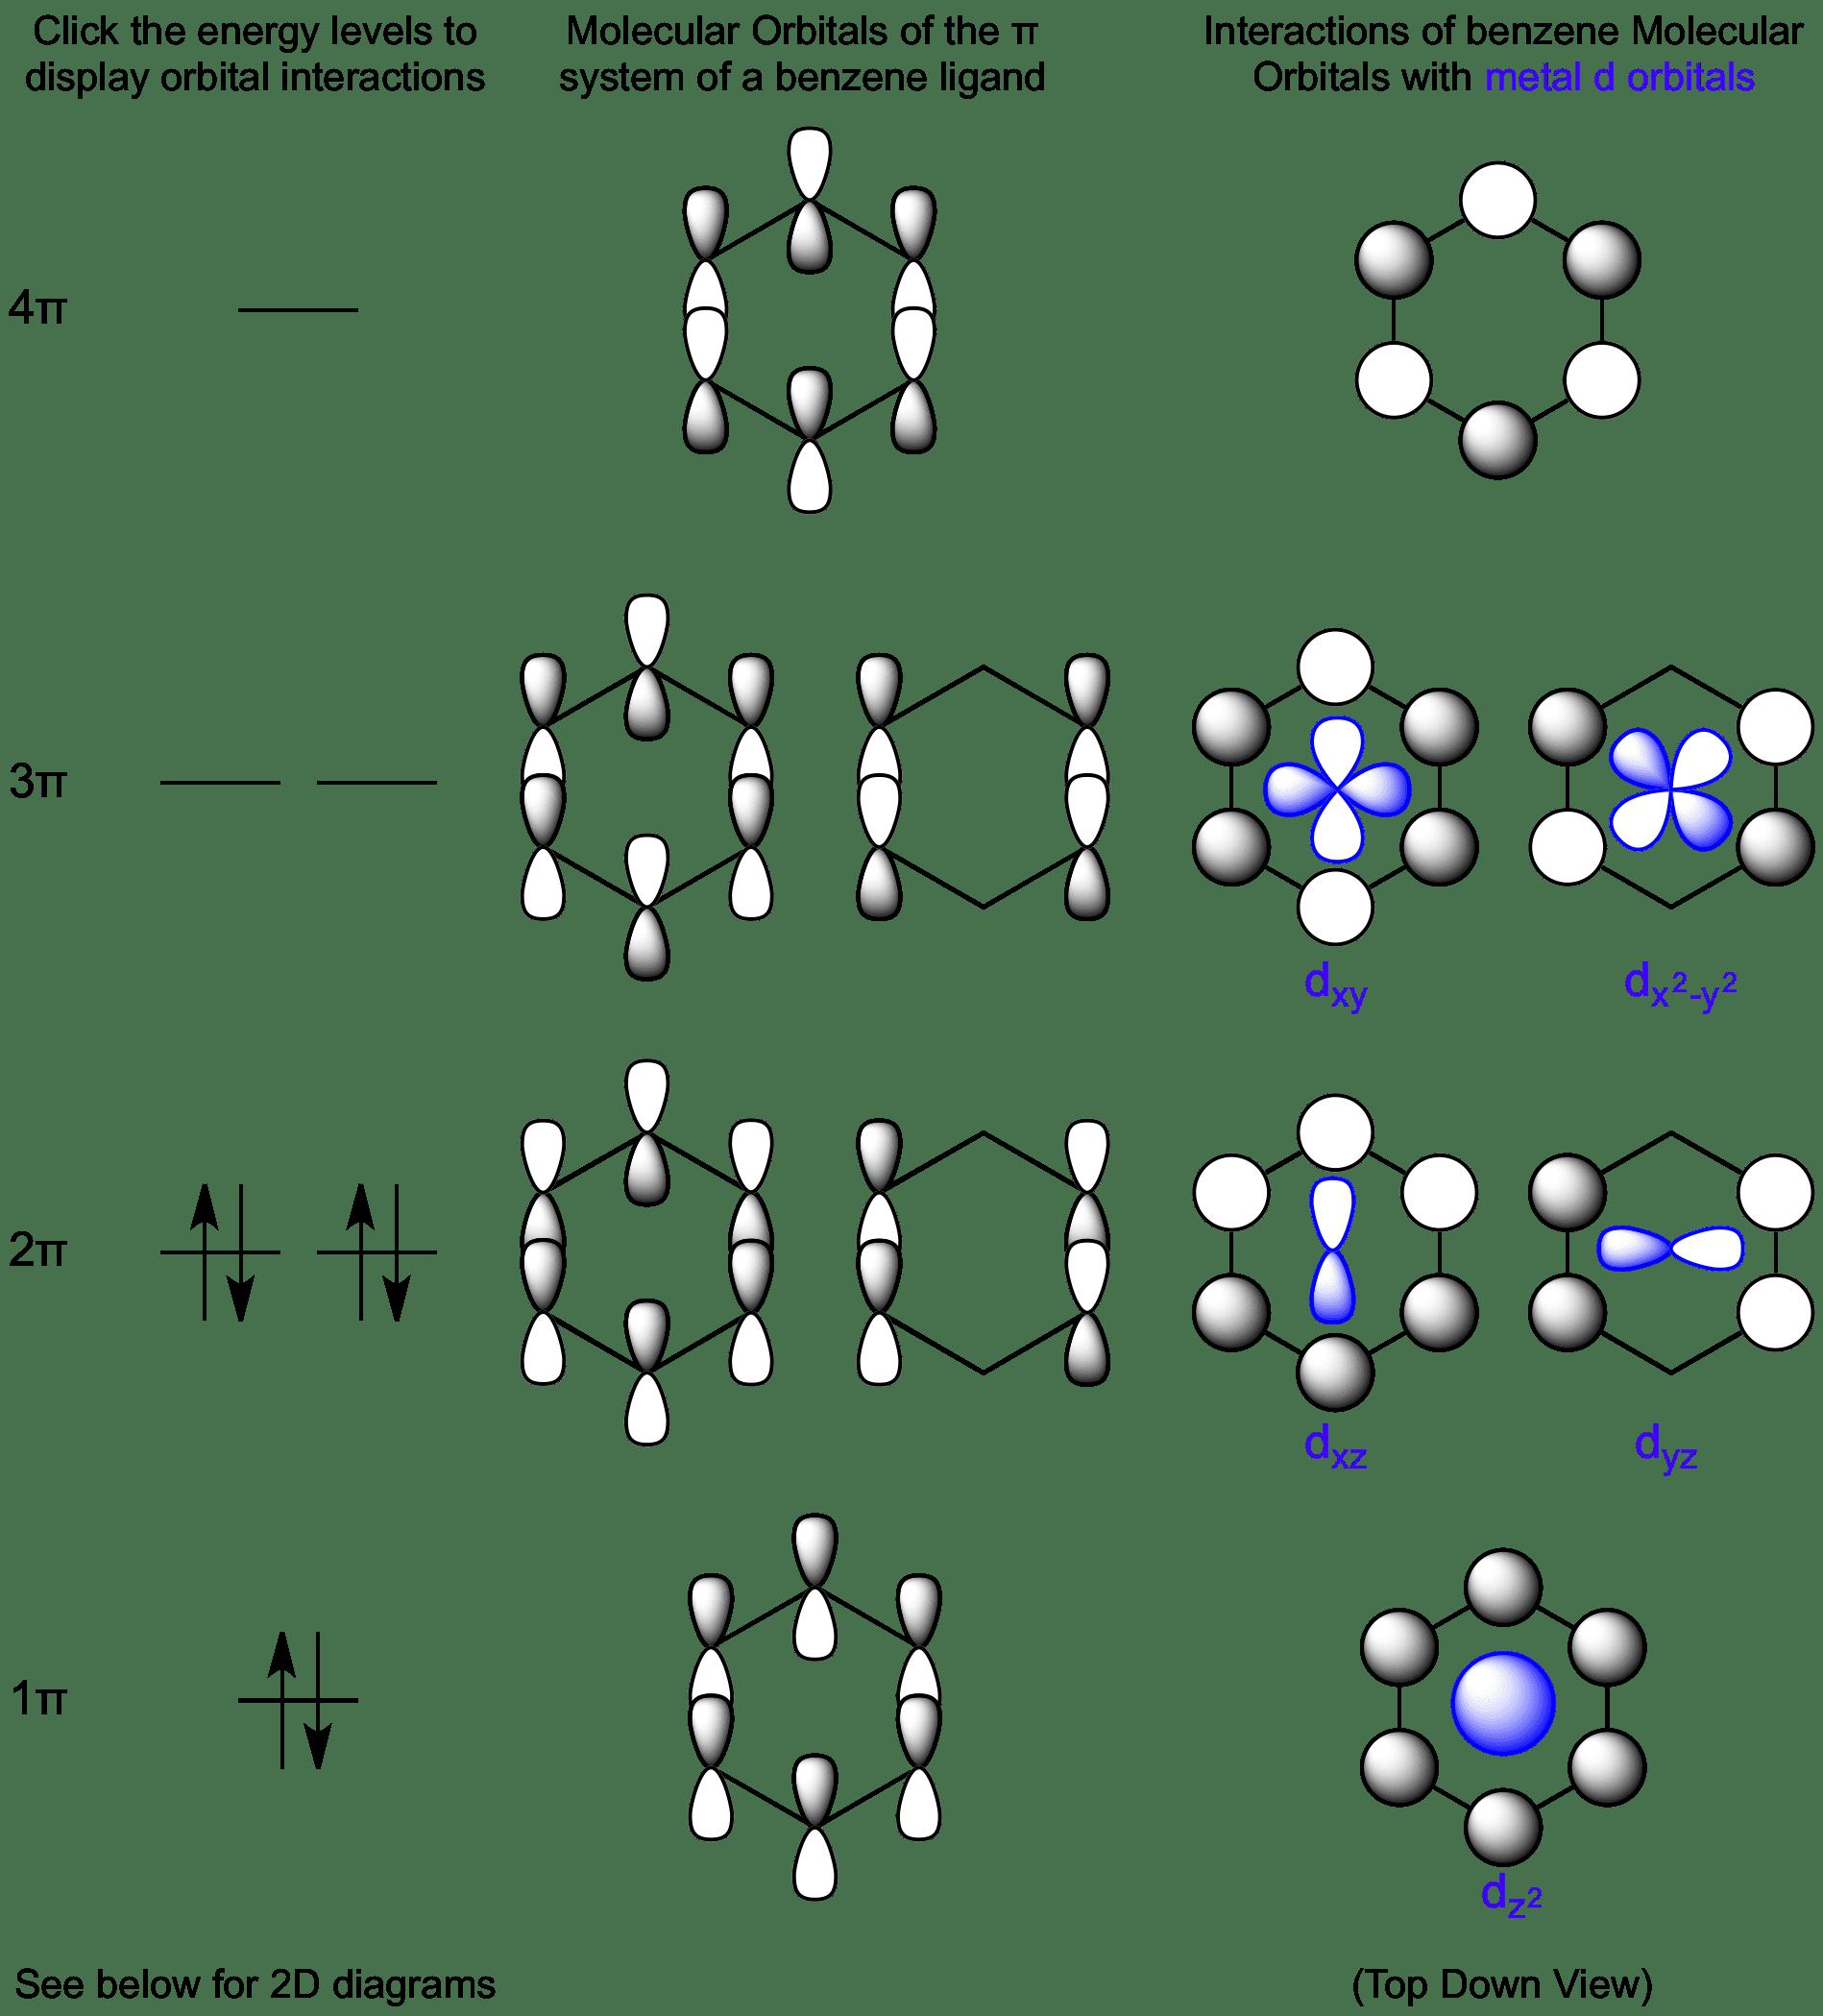 Interactions Between Benzene Molecular Orbitals And Metal D Orbitals